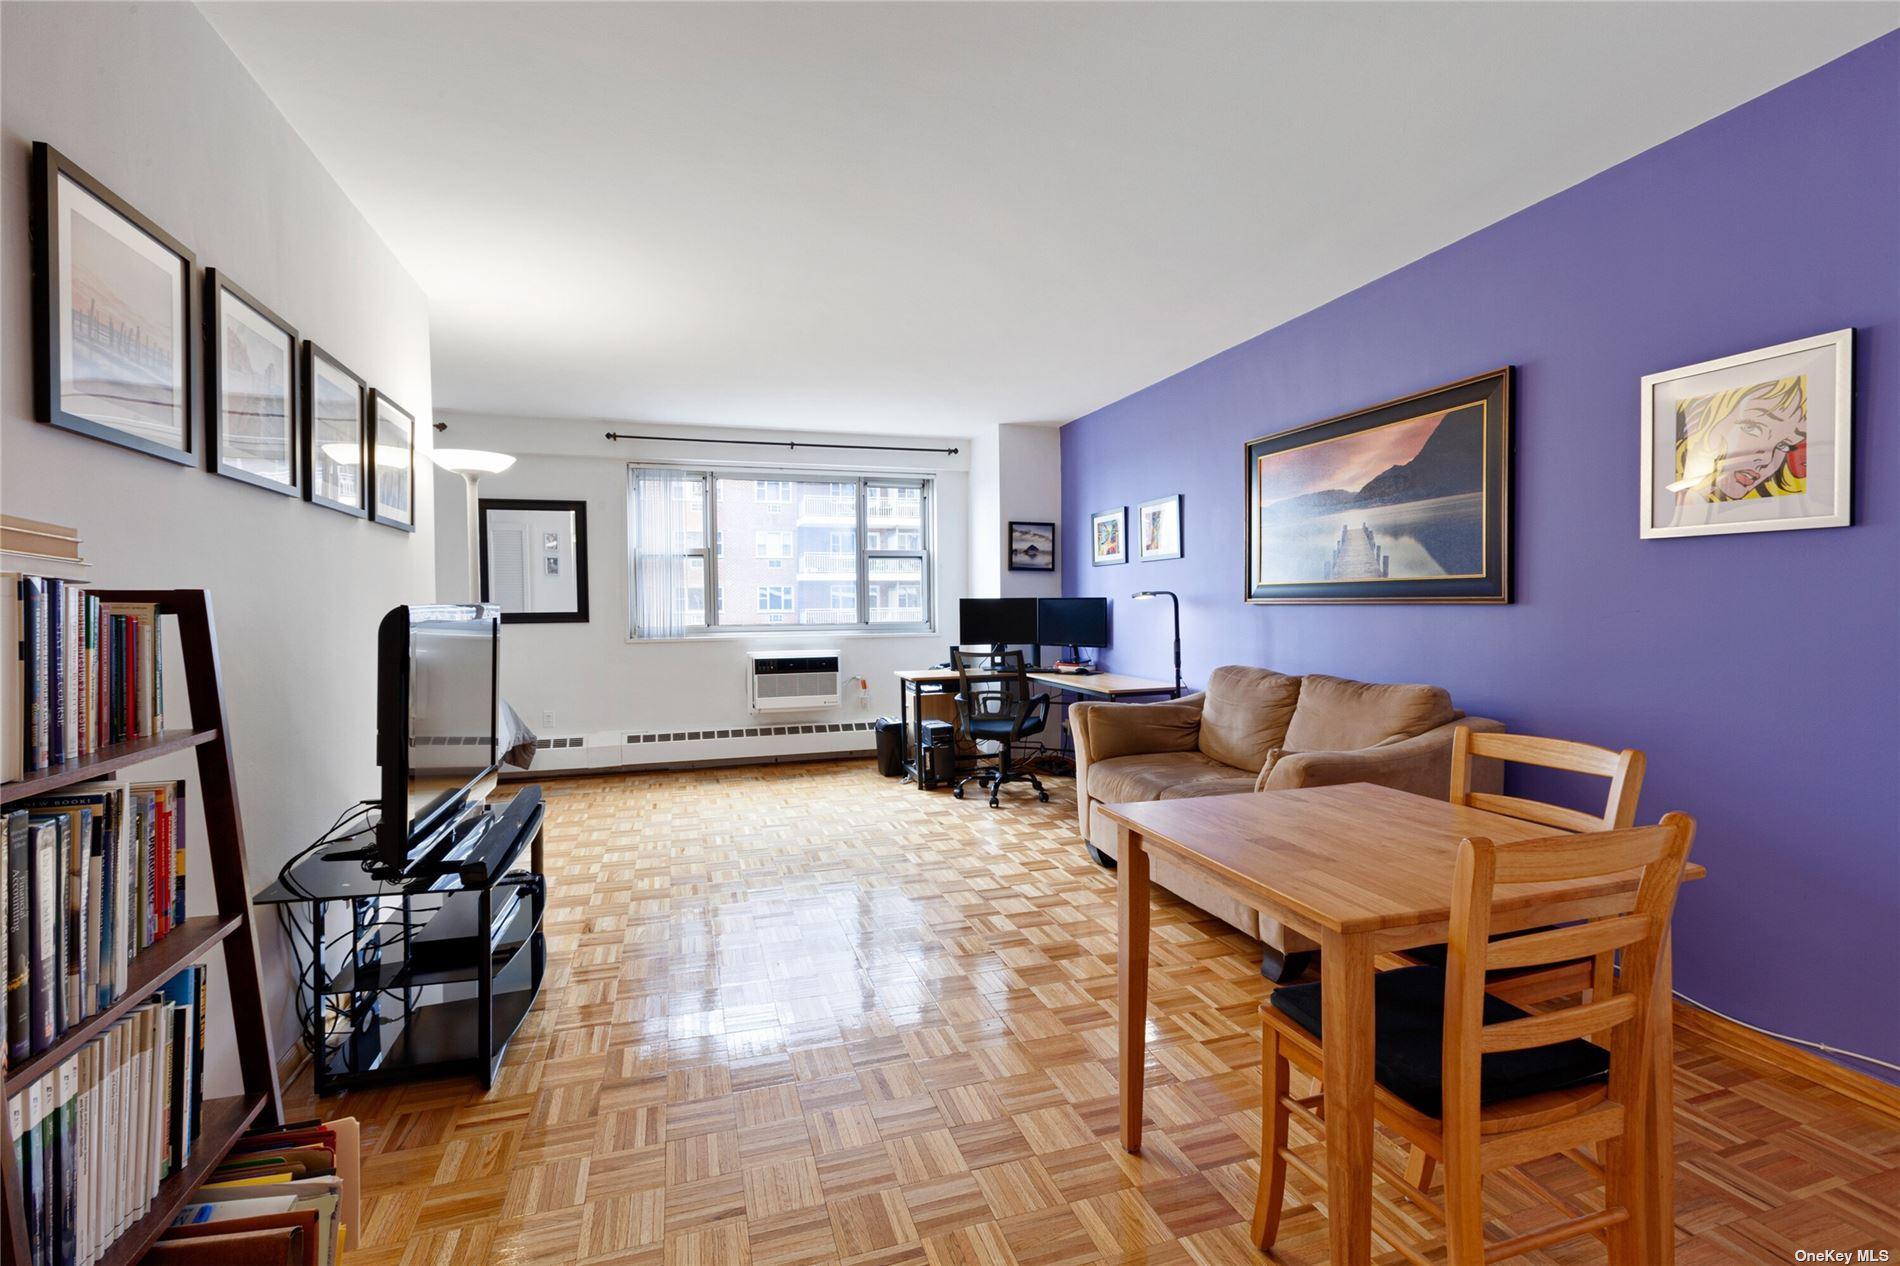 52-30 52nd Street #6M, Woodside, NY 11377 - MLS#: 3306600